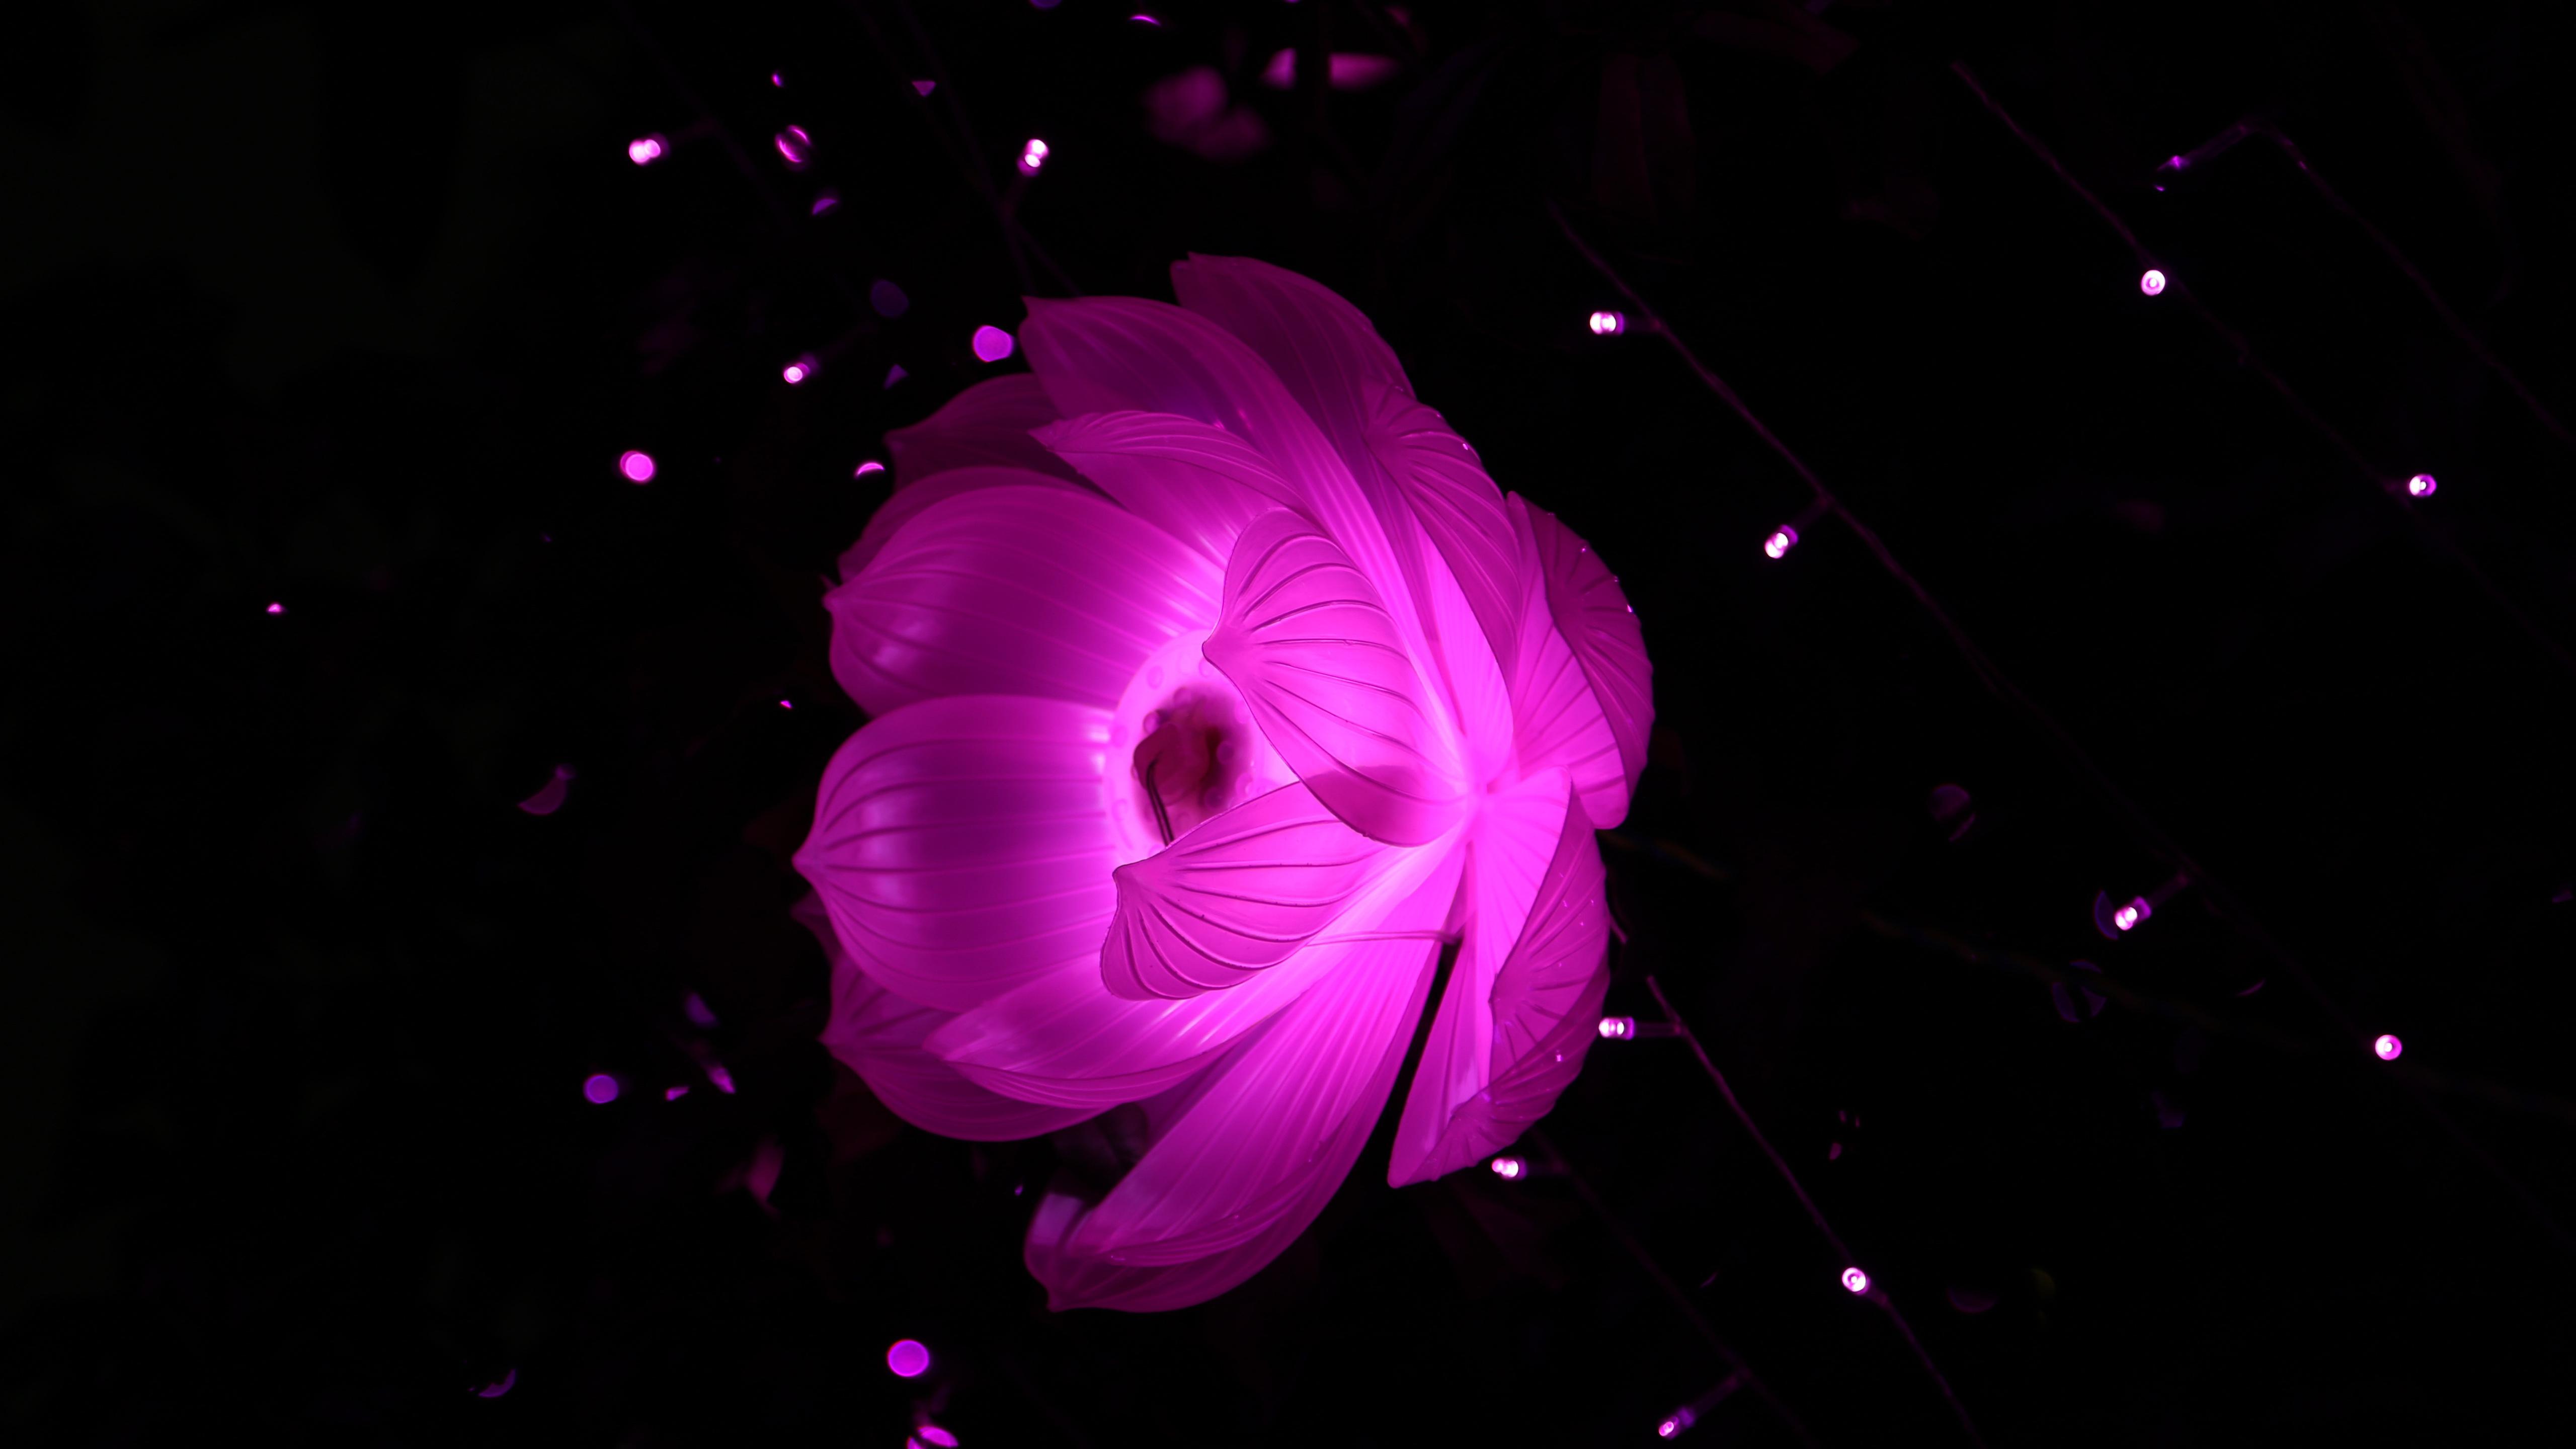 flower-shape-artistic-light-kw.jpg